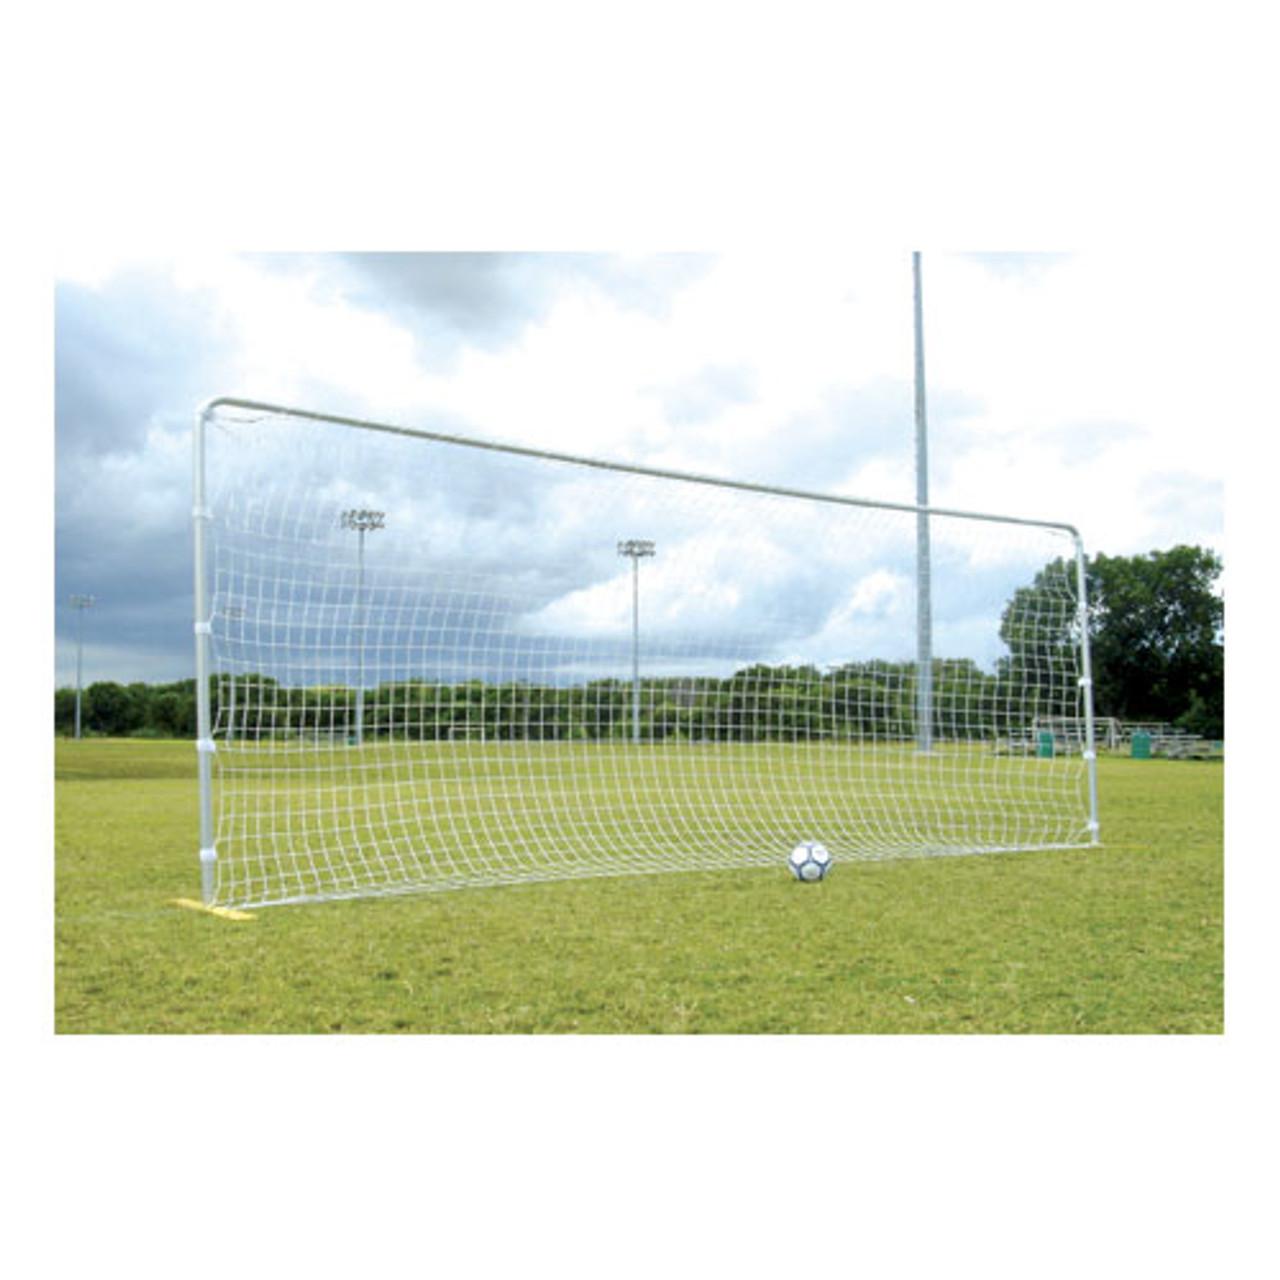 Trainer/Rebounder Soccer Goal (7 ft. x 21 ft. )